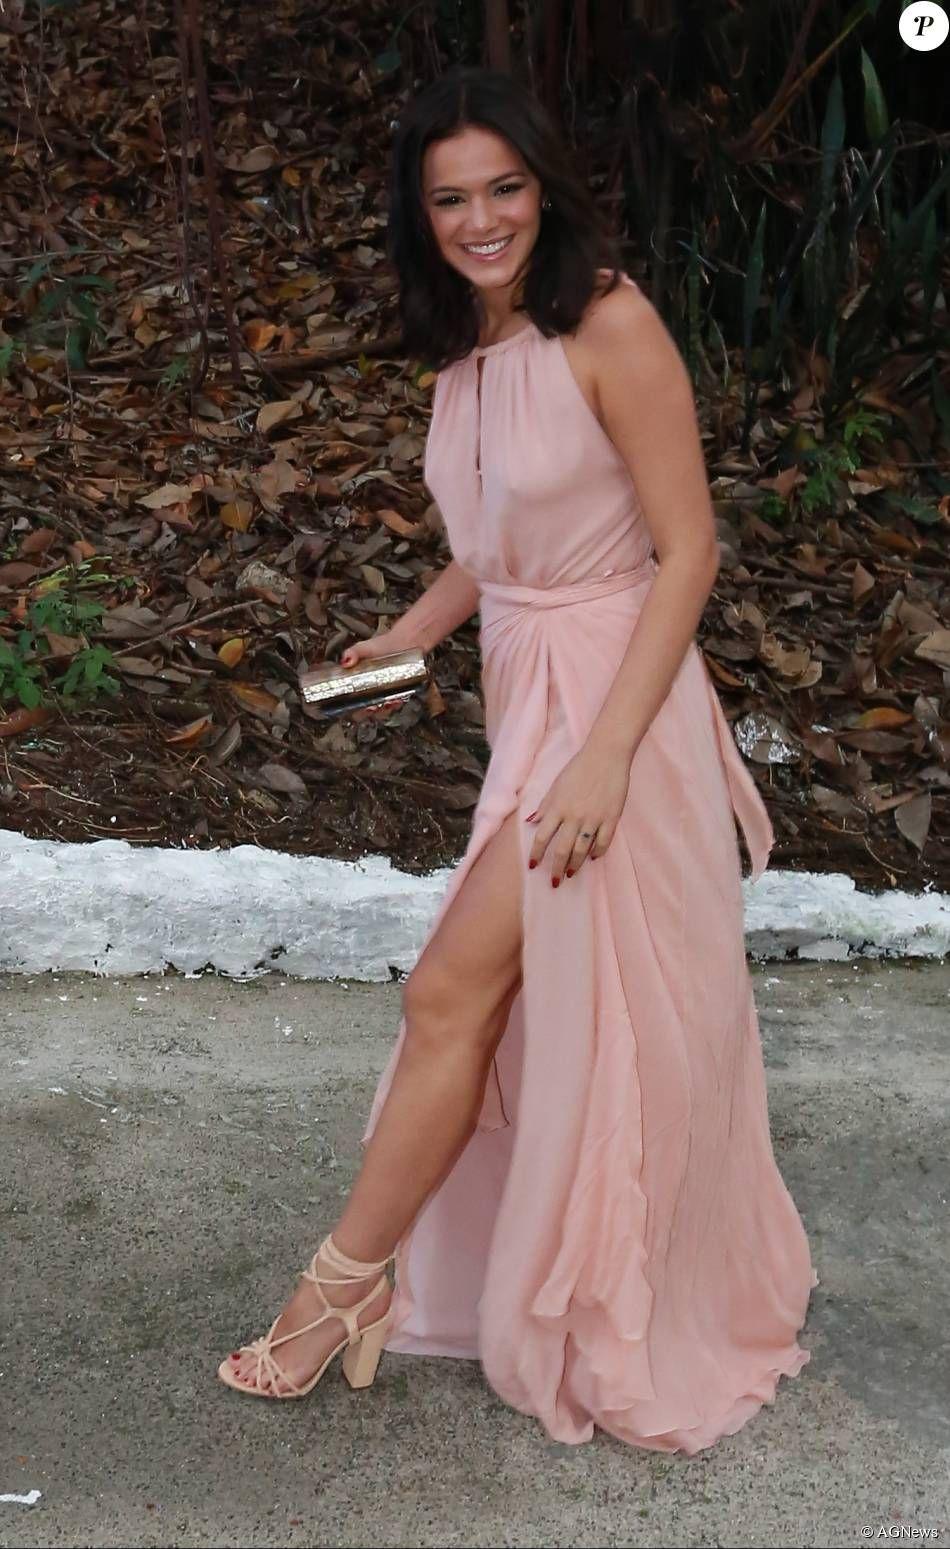 b8a1636e46 PHOTOS - Bruna Marquezine apostou na fenda do vestido de Cris Barros ...